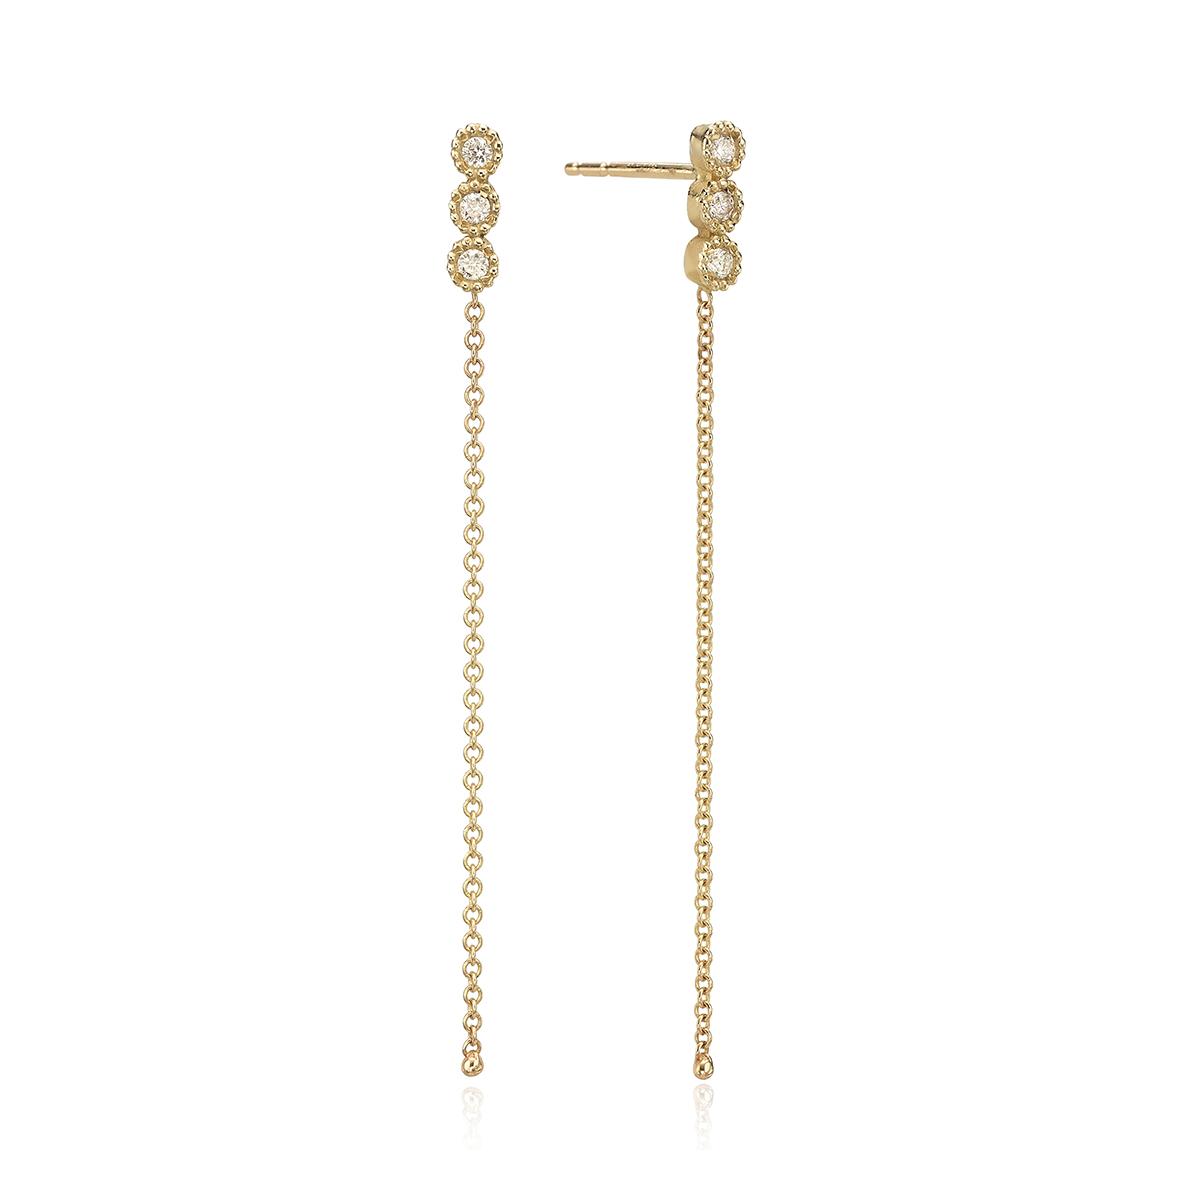 עגילי יהלומים לבנים צמודים עם שרשרת זהב